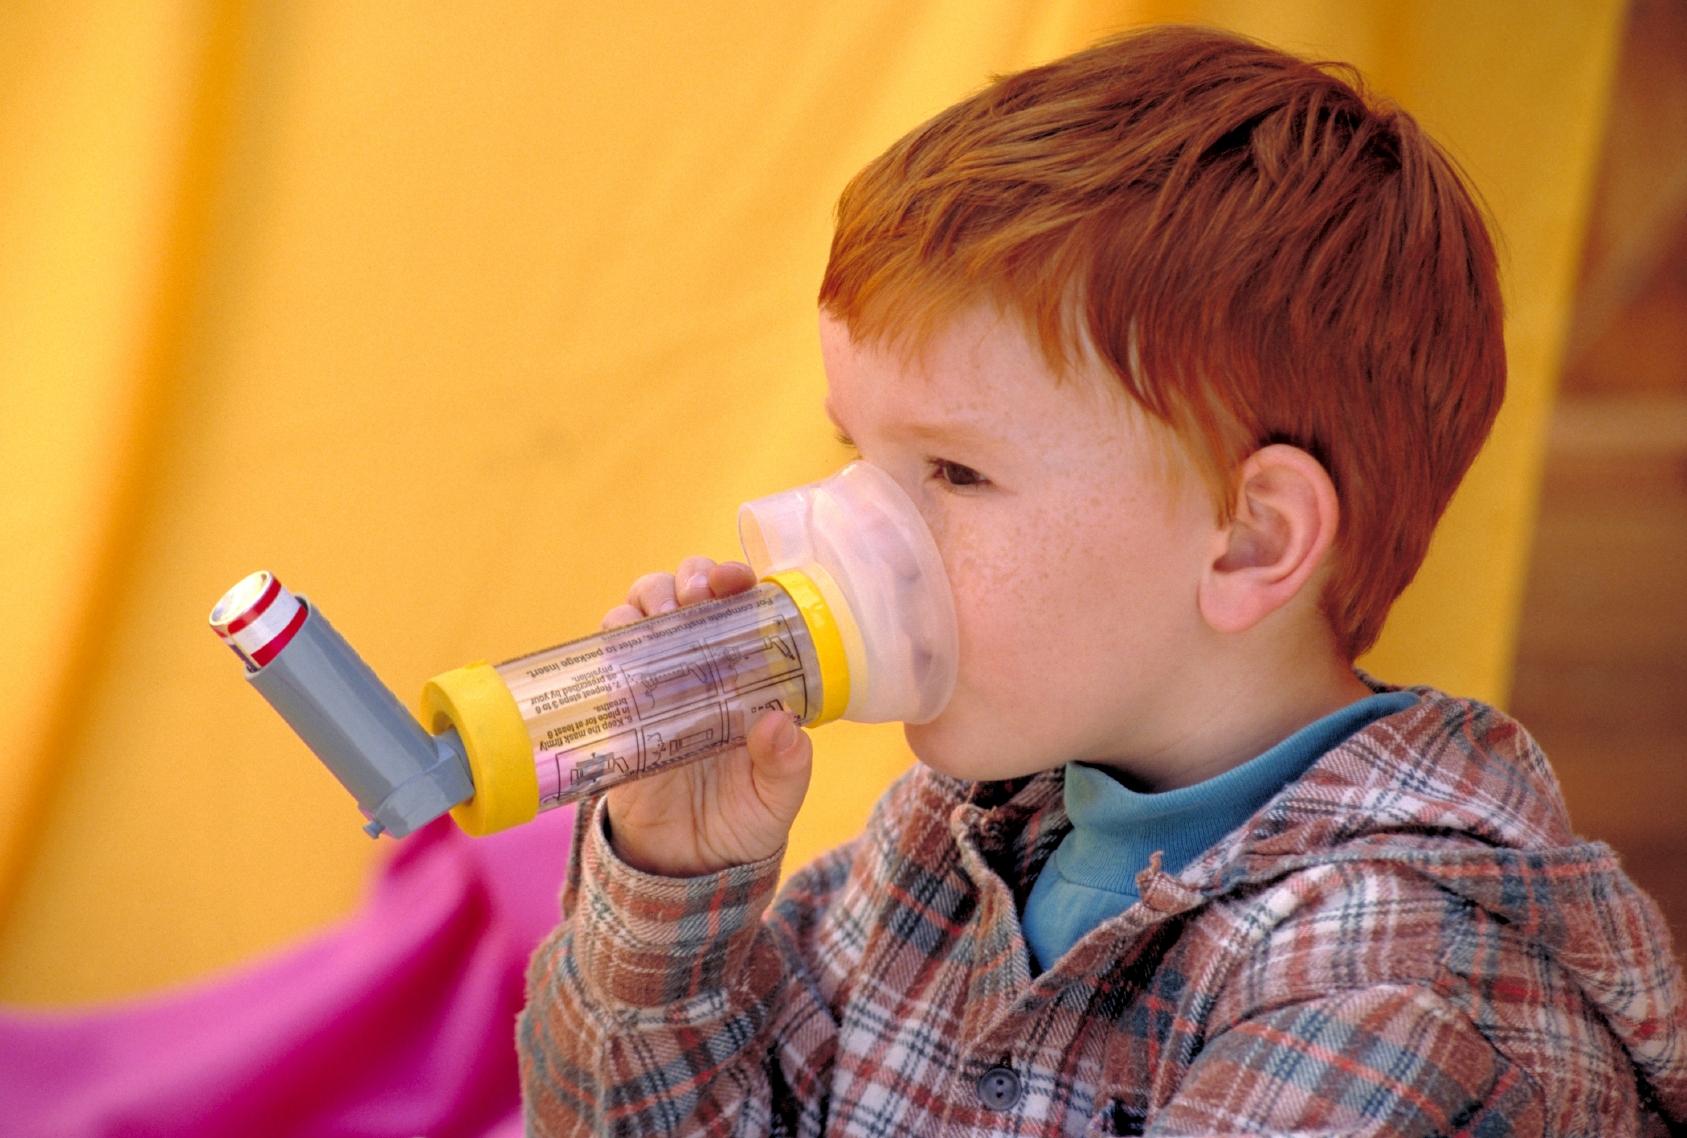 Ανησυχητική αύξηση του άσθματος! Στοιχεία έρευνας